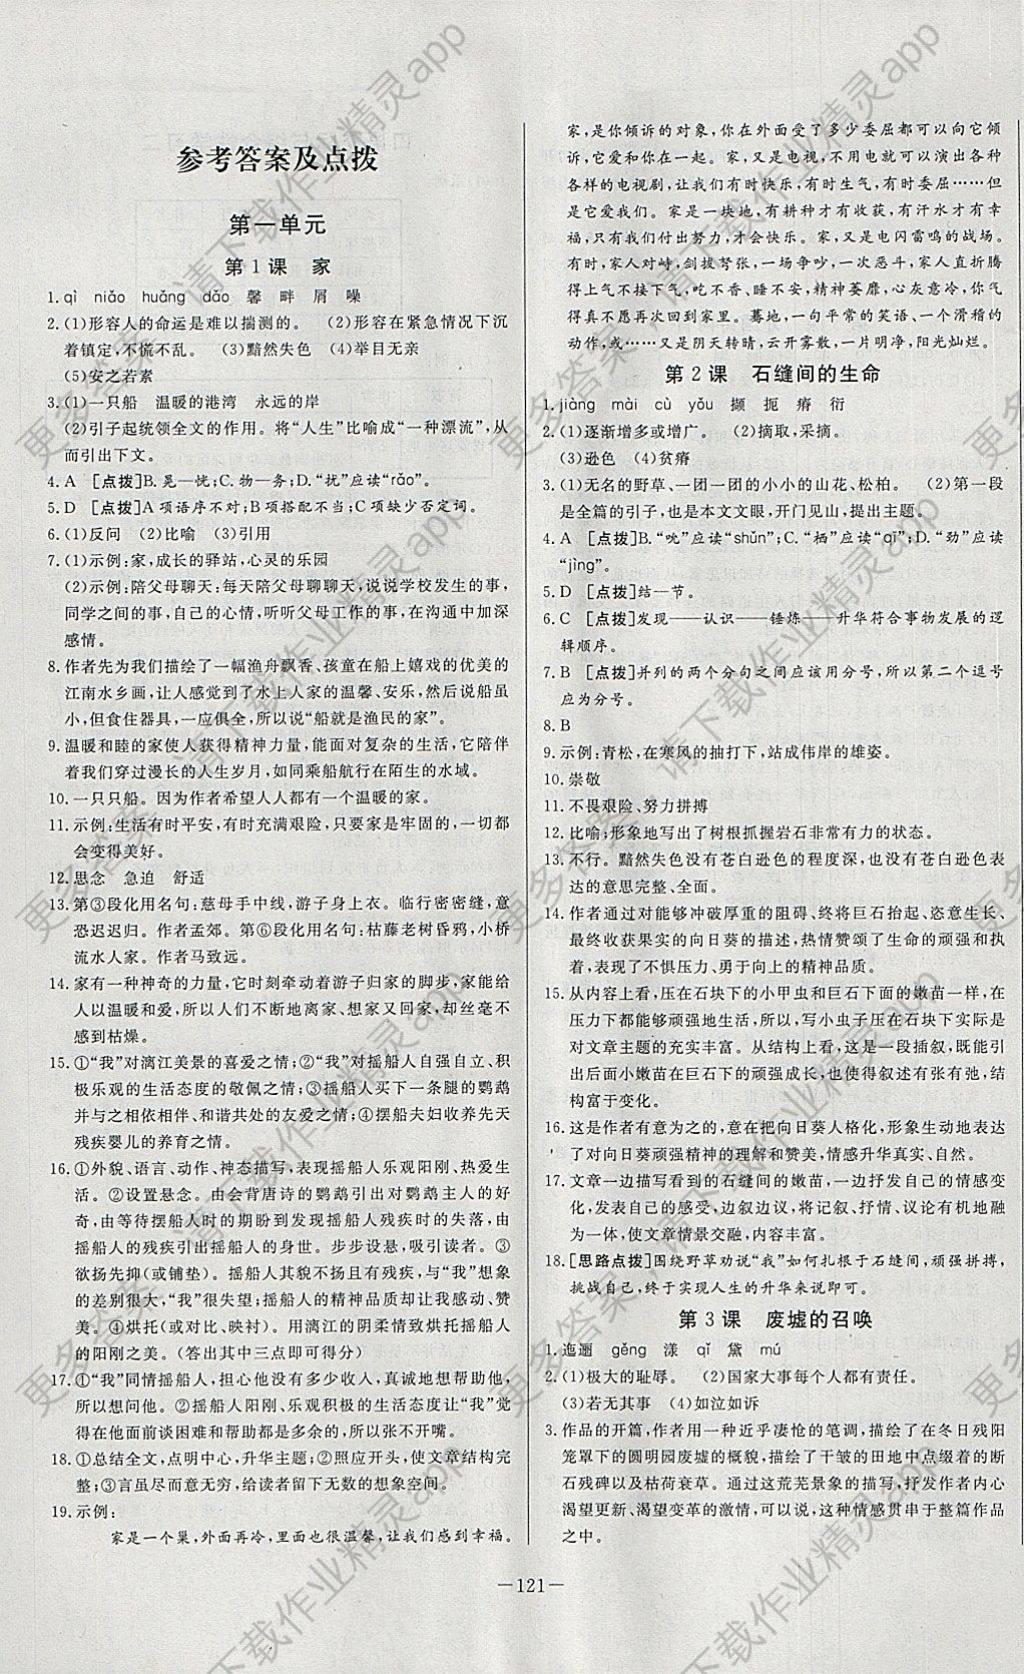 2018年中华题王九年级语文下册语文版 参考答案第1页